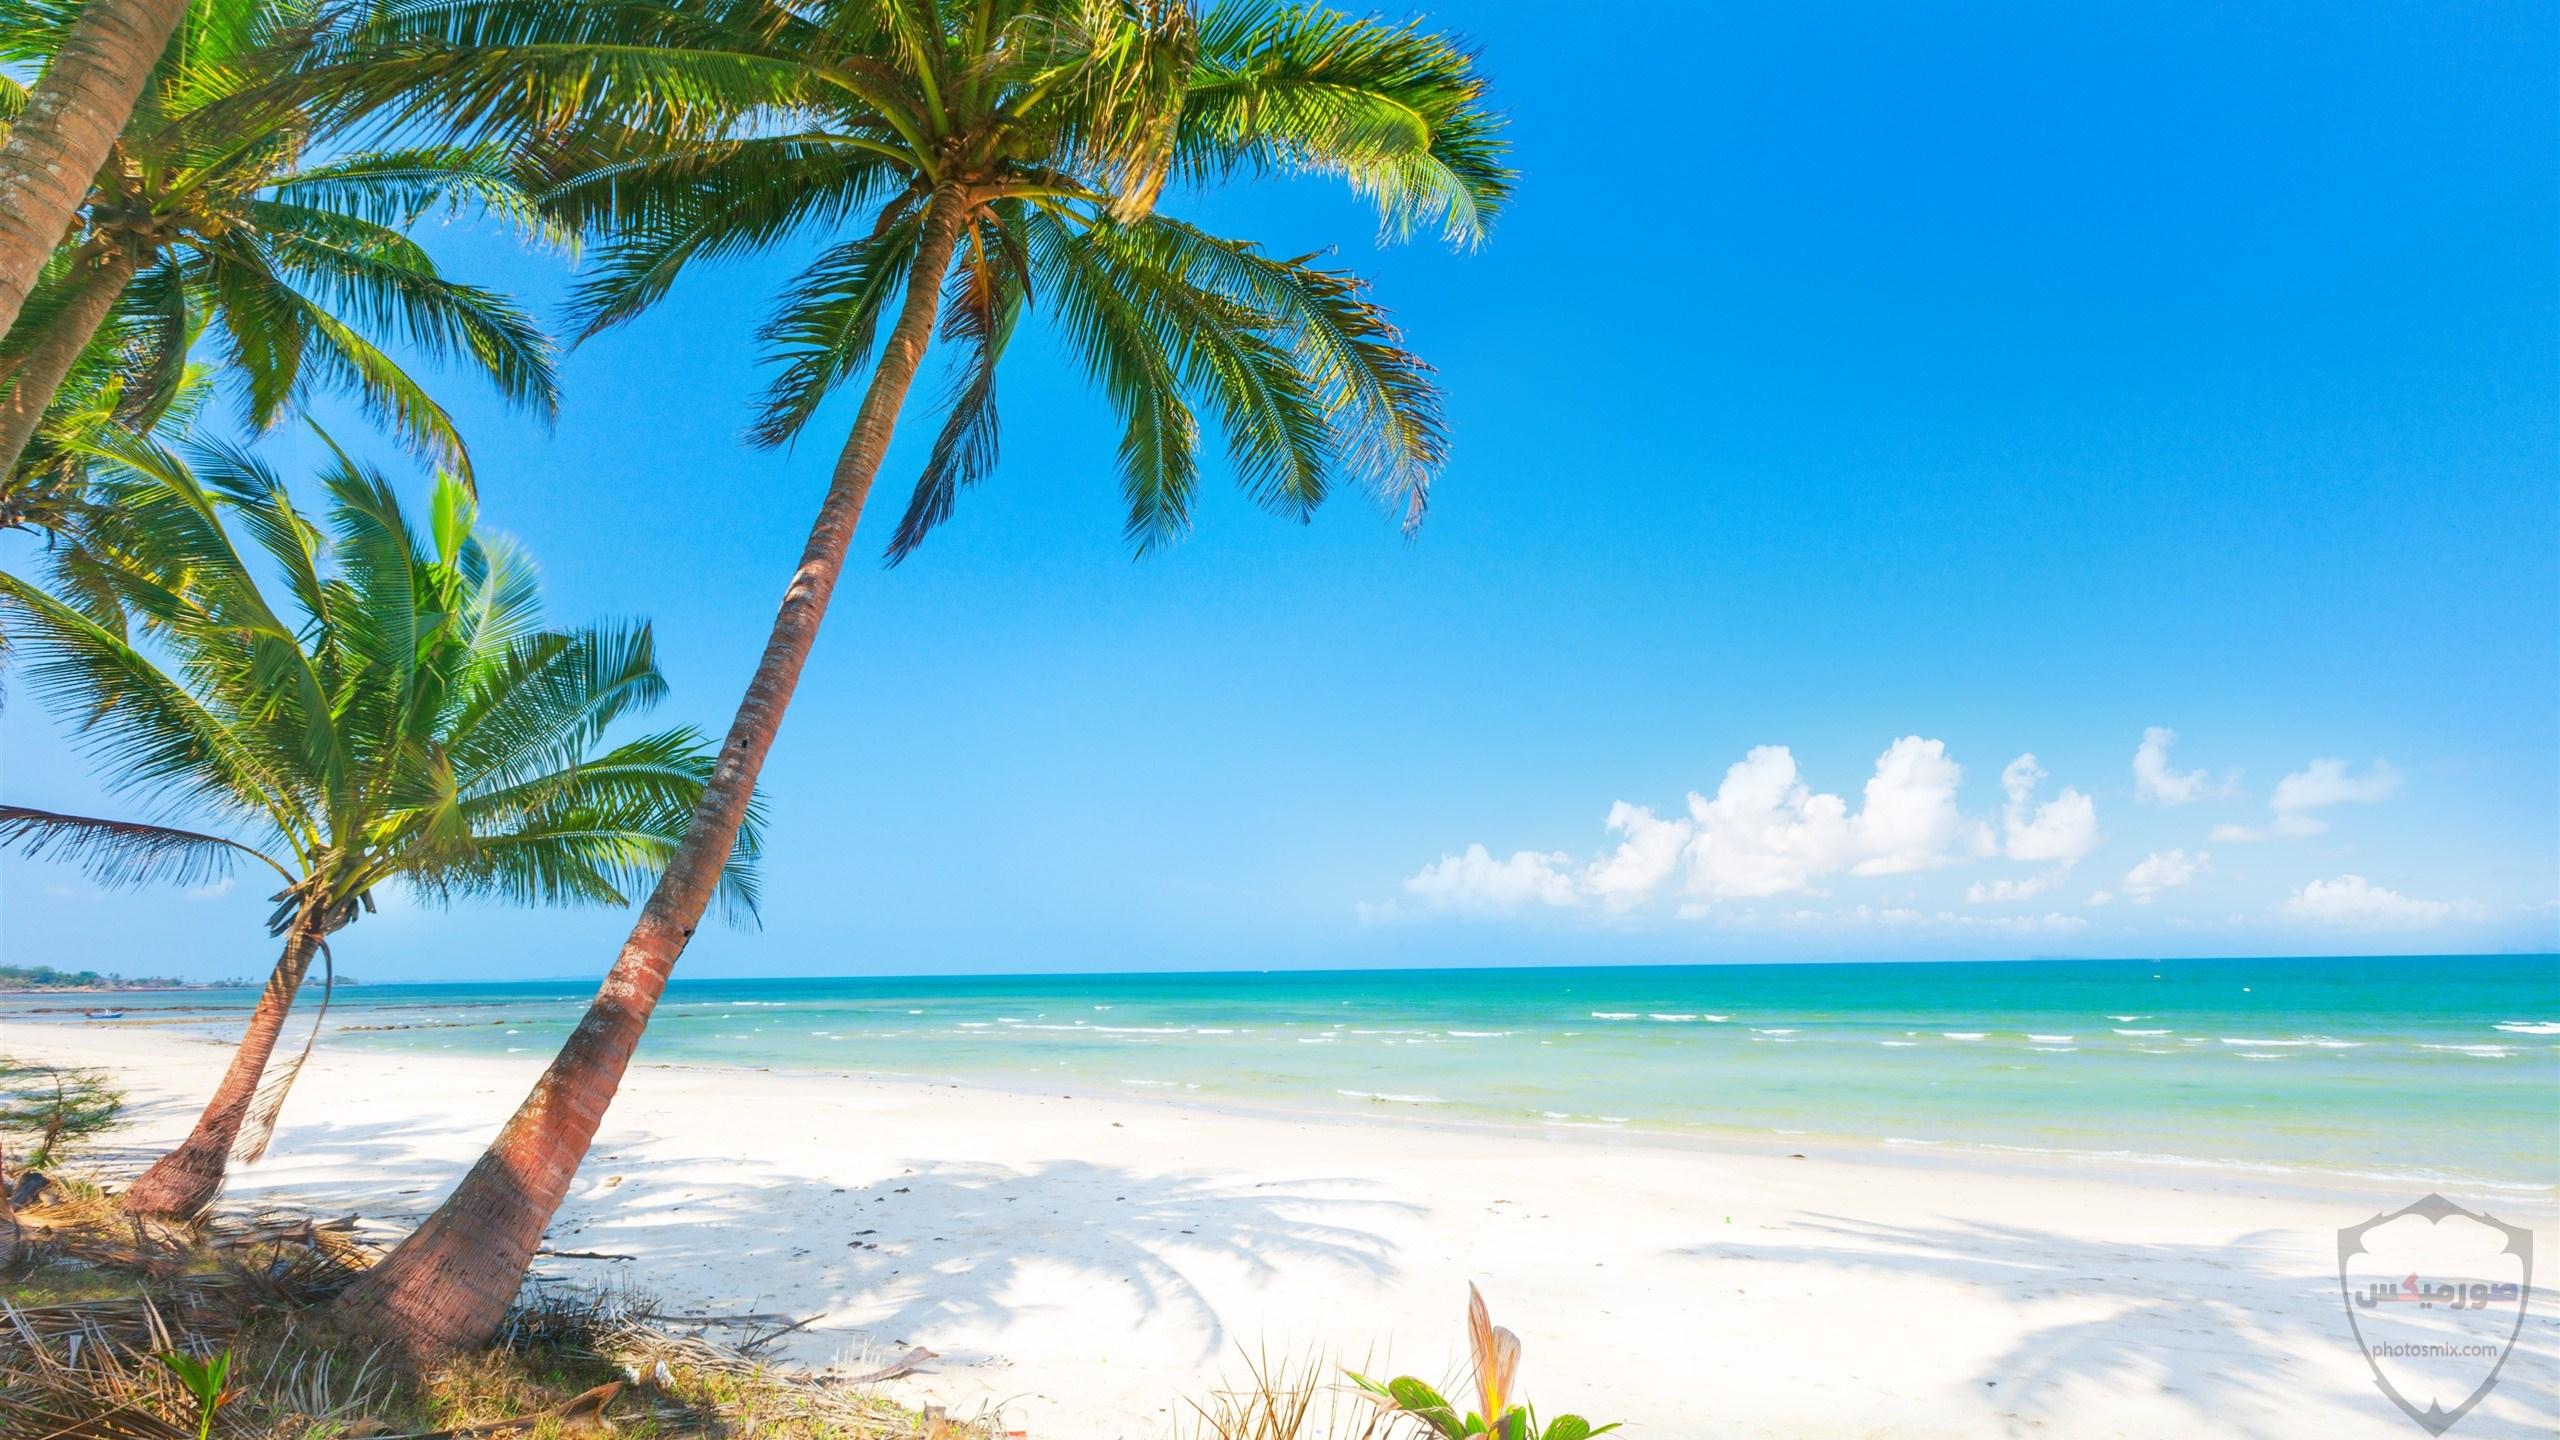 صور بحر وشاطئ صور وخلفيات بحور وشواطئ جميلة اجمل خلفيات بحار جودة عالية 24